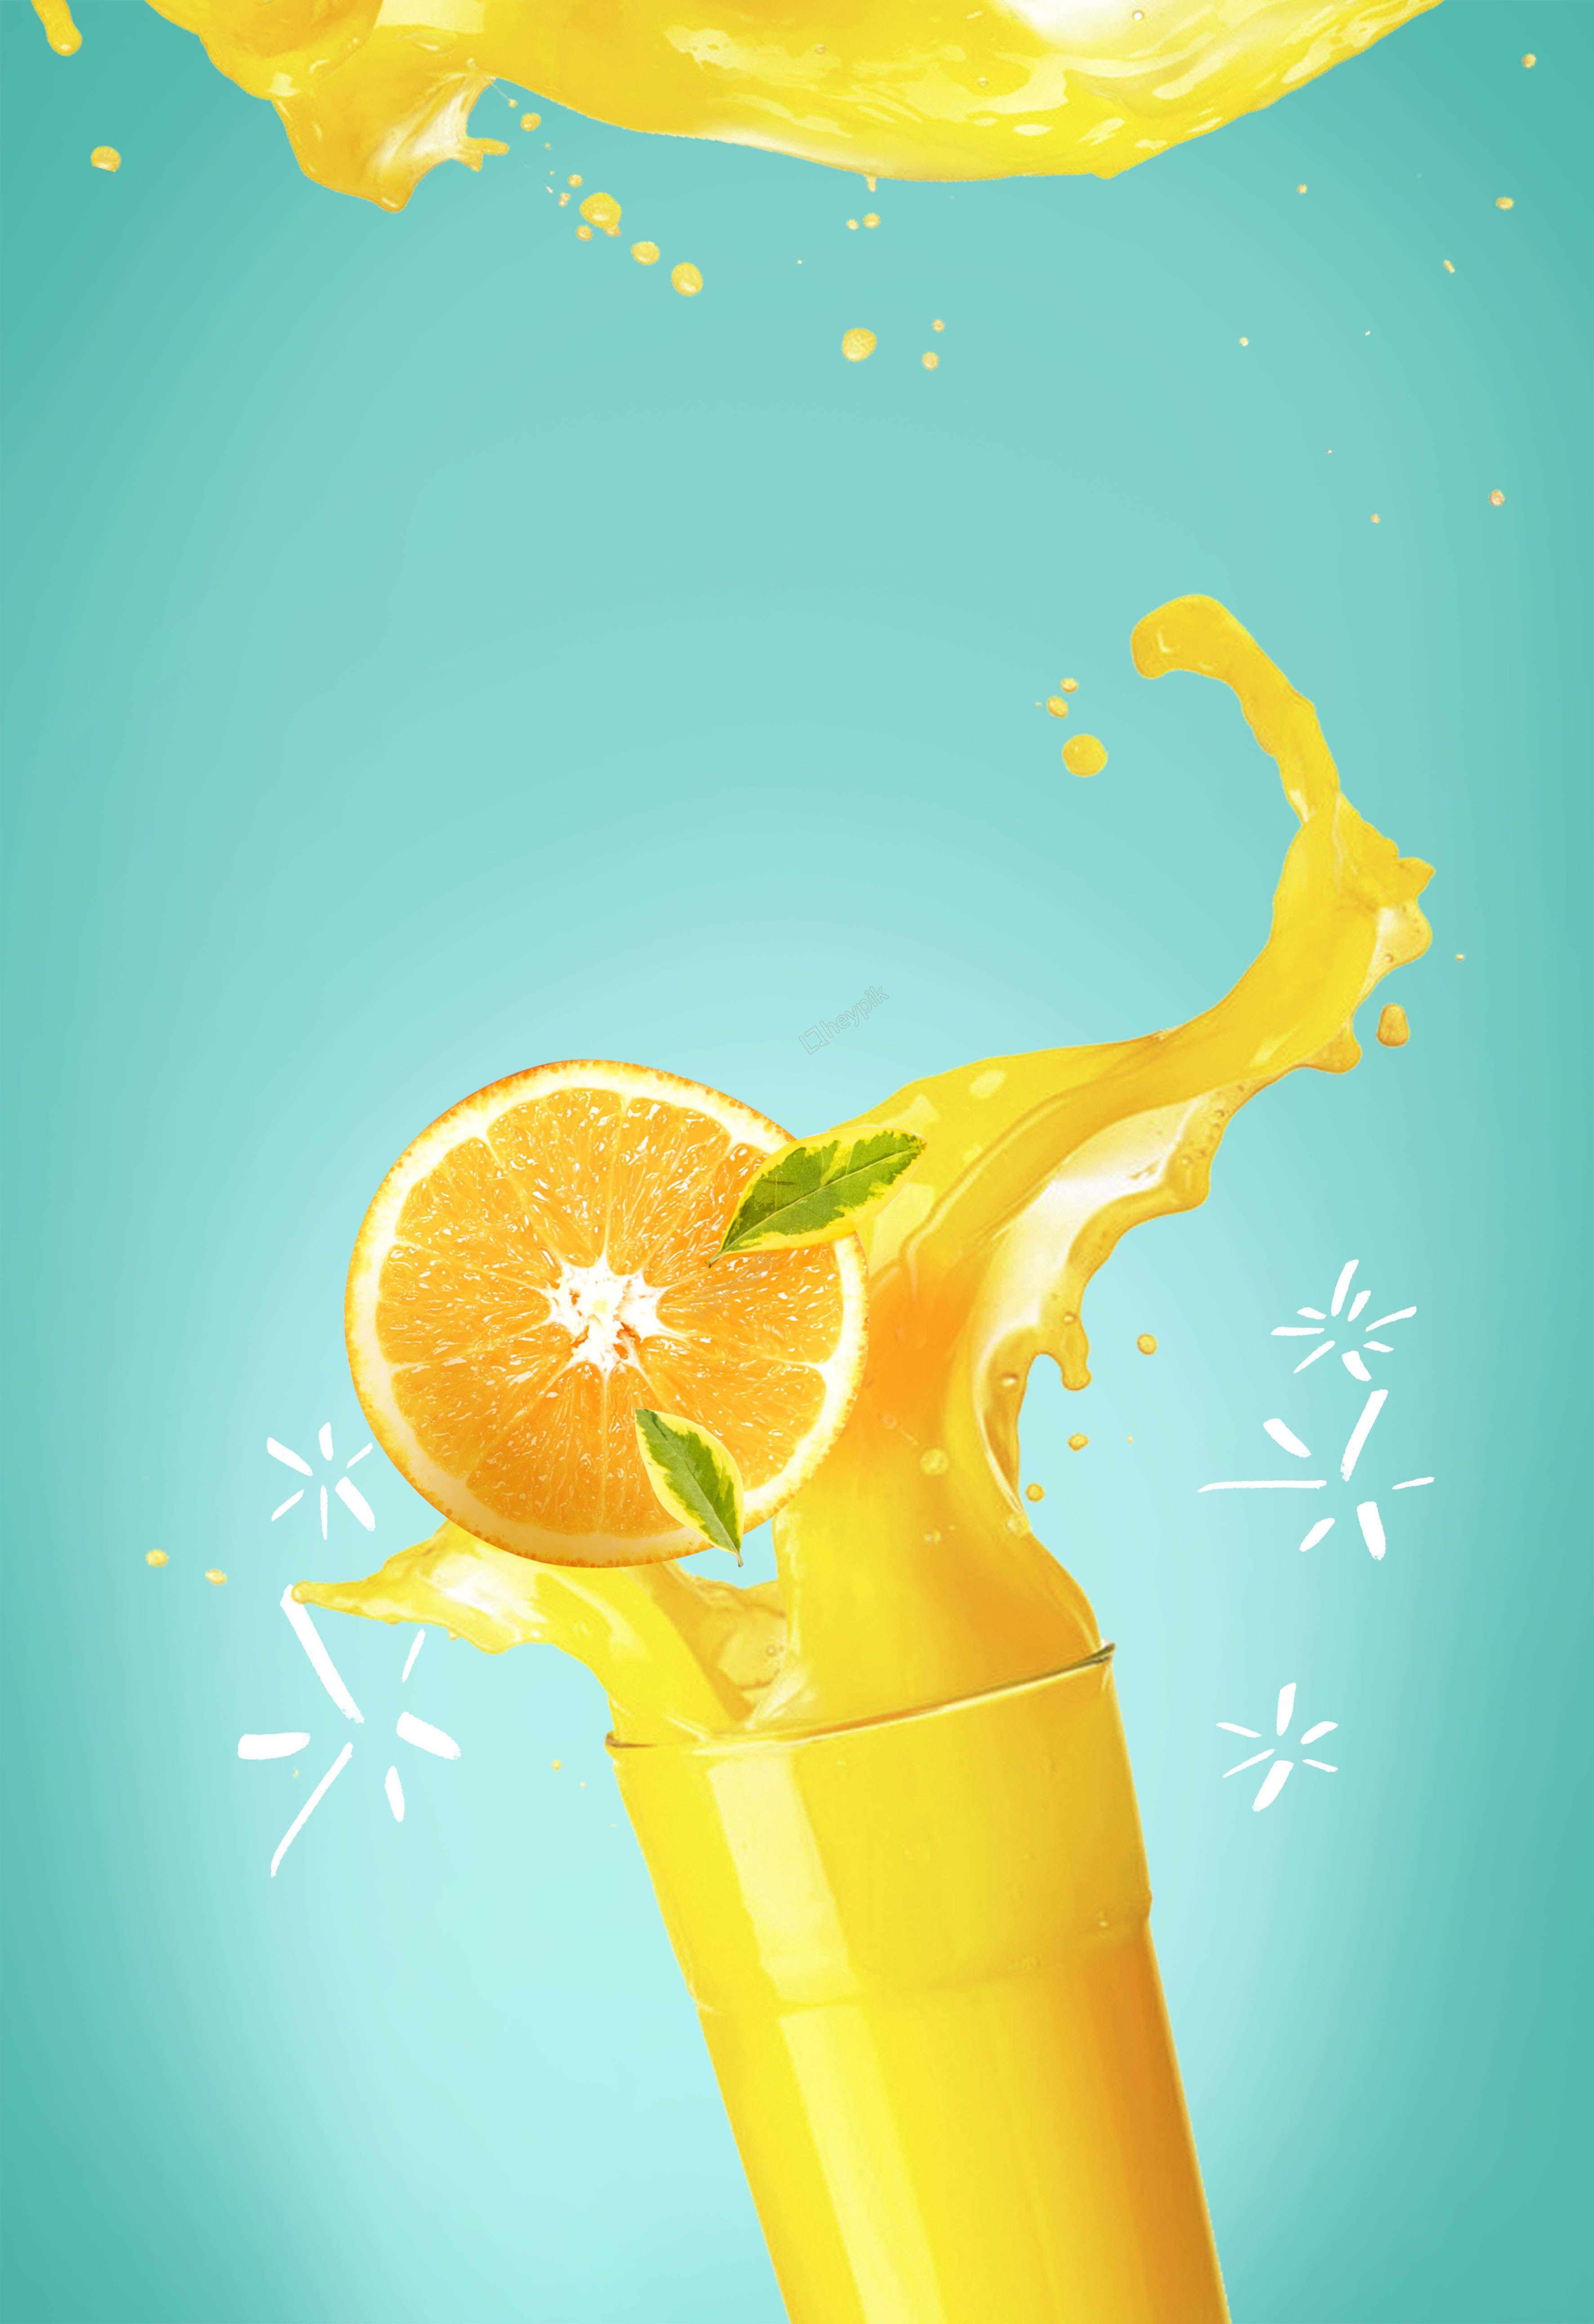 عصير البرتقال الطازج الأزرق خلفية منعشة الإعلان Refreshing Drinks Orange Juice Blue Juice